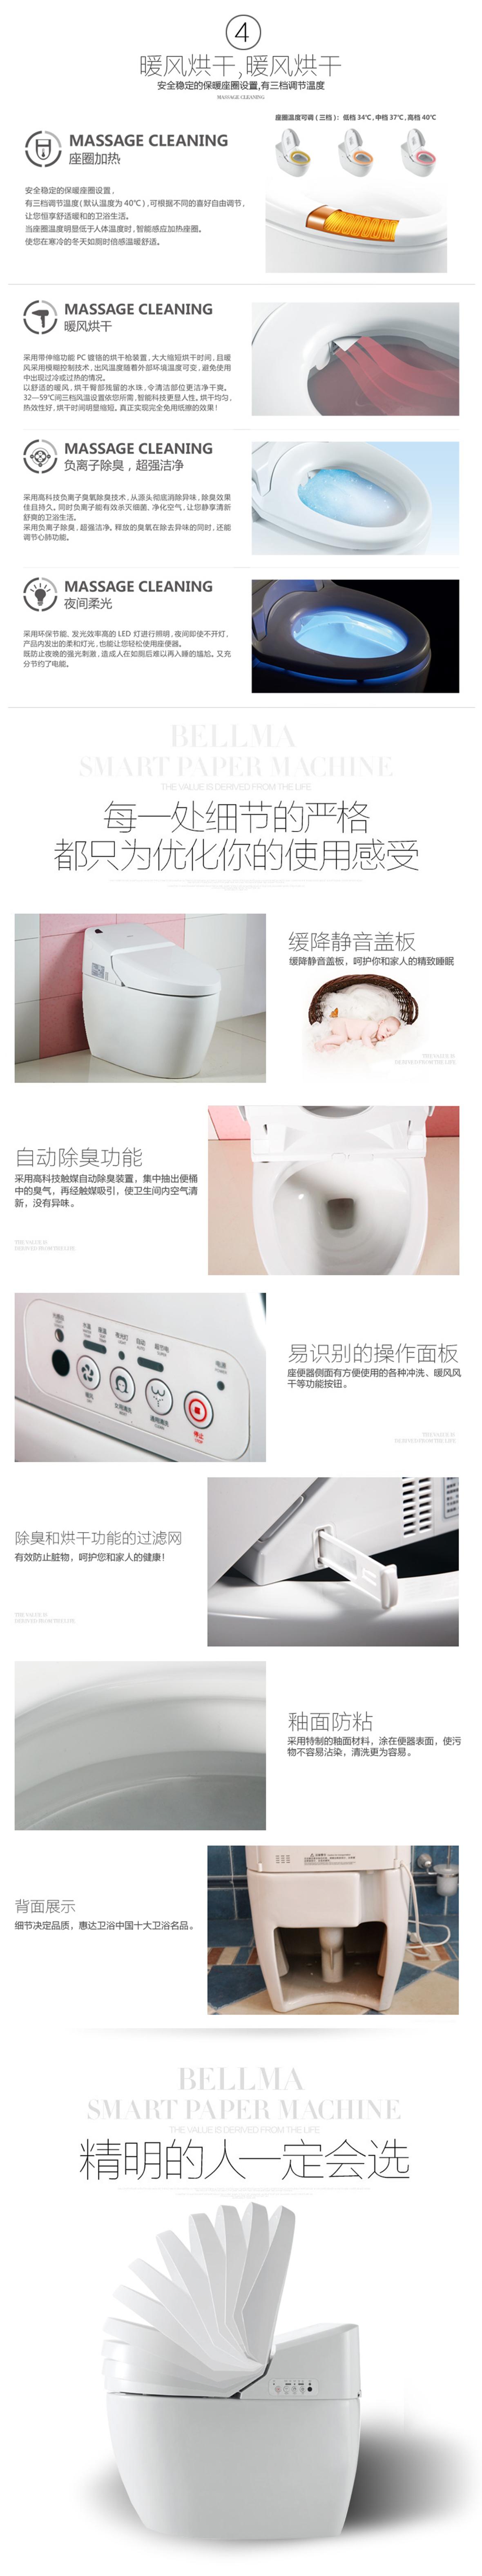 惠达卫浴 坐便器 智能坐便器 主机遥控 盖板加热系统